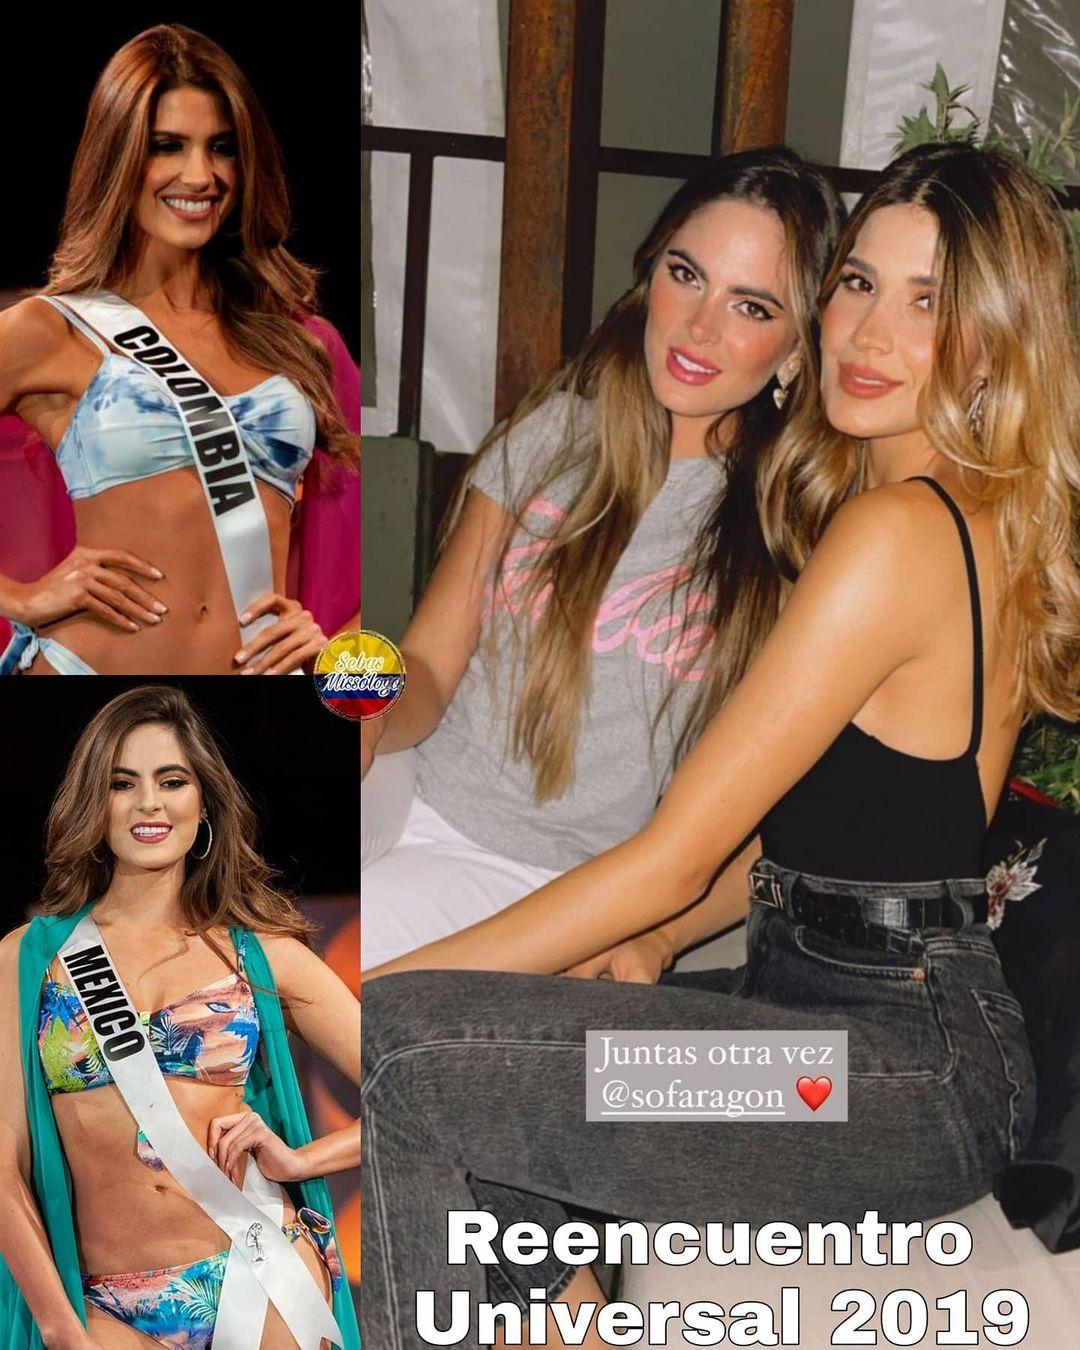 Nuestra Srta. Colombia 2019 y Top5 de Mis Universo 2019 Gabriela Tafur se reencuentra con la Miss Mexicana Universal 2019 y Top3 de Miss Universo 2019 Sofia Aragon en tierras mexicana durante sus vacaciones H2b3qtoi